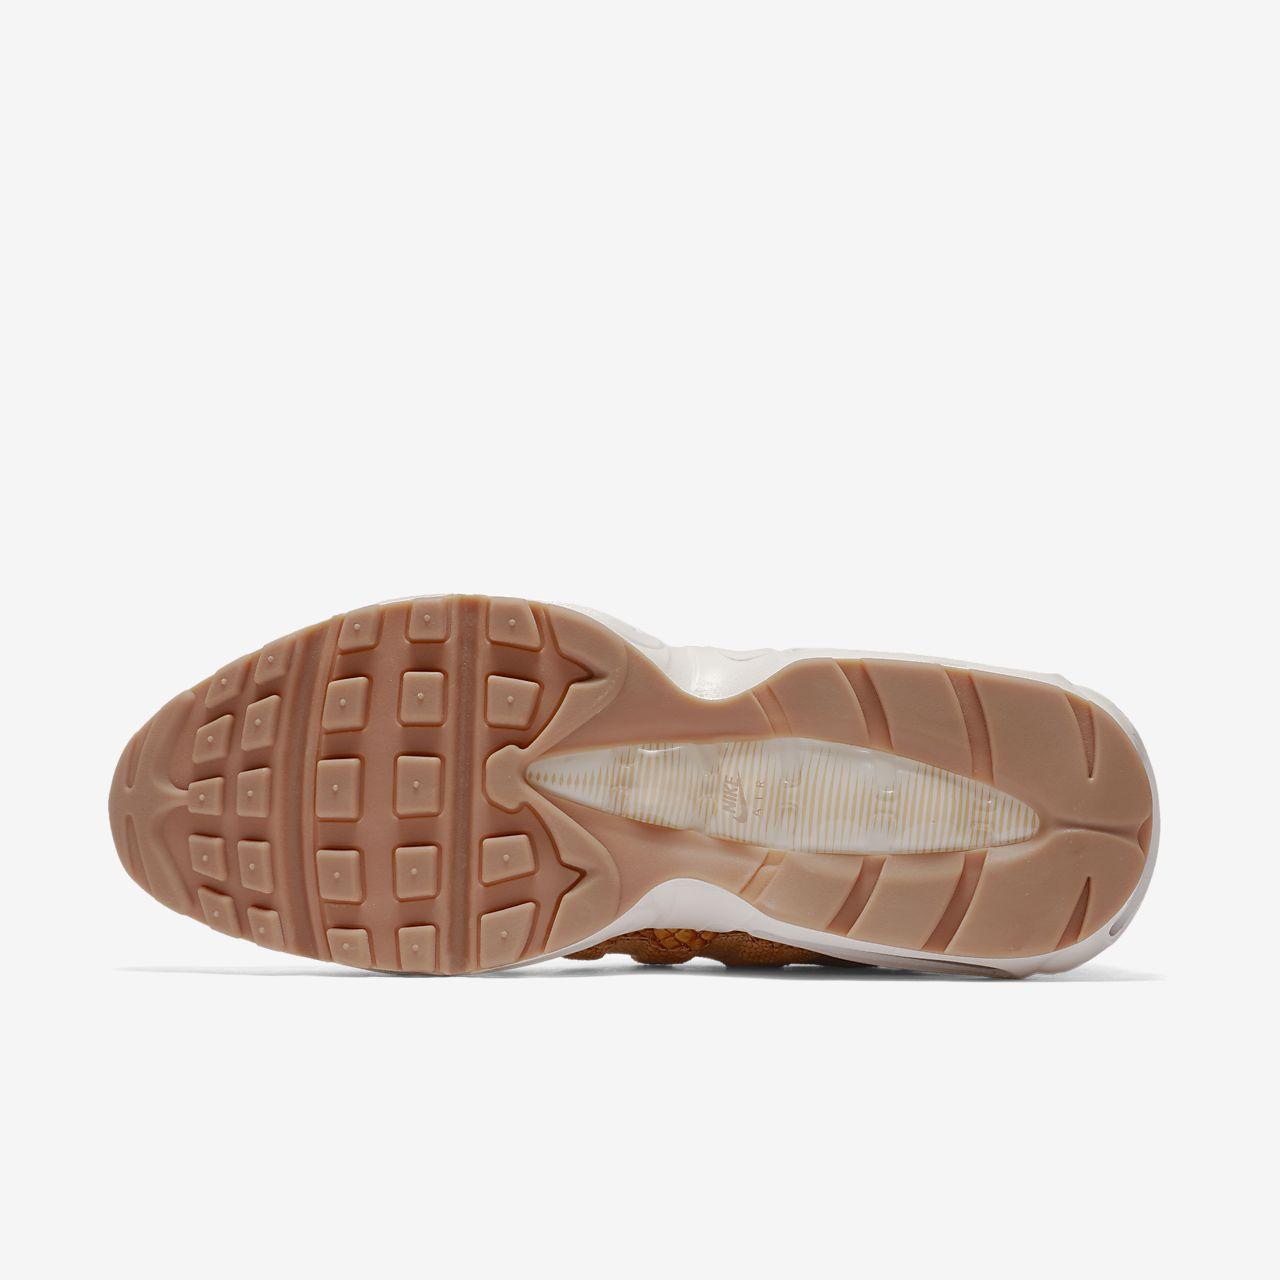 nike air max 95 premium men's shoe nz